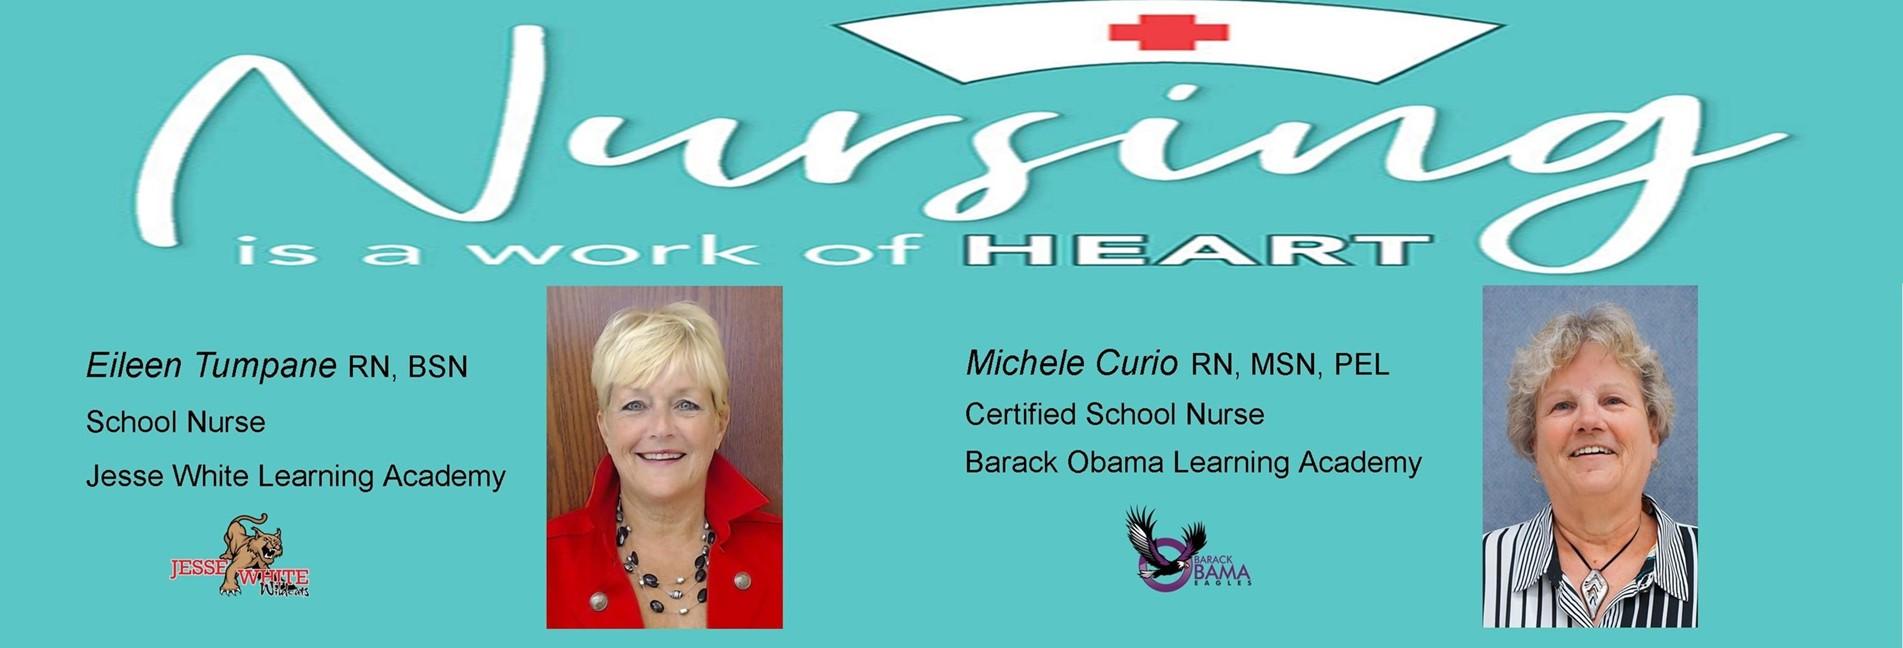 We Love our nurses!